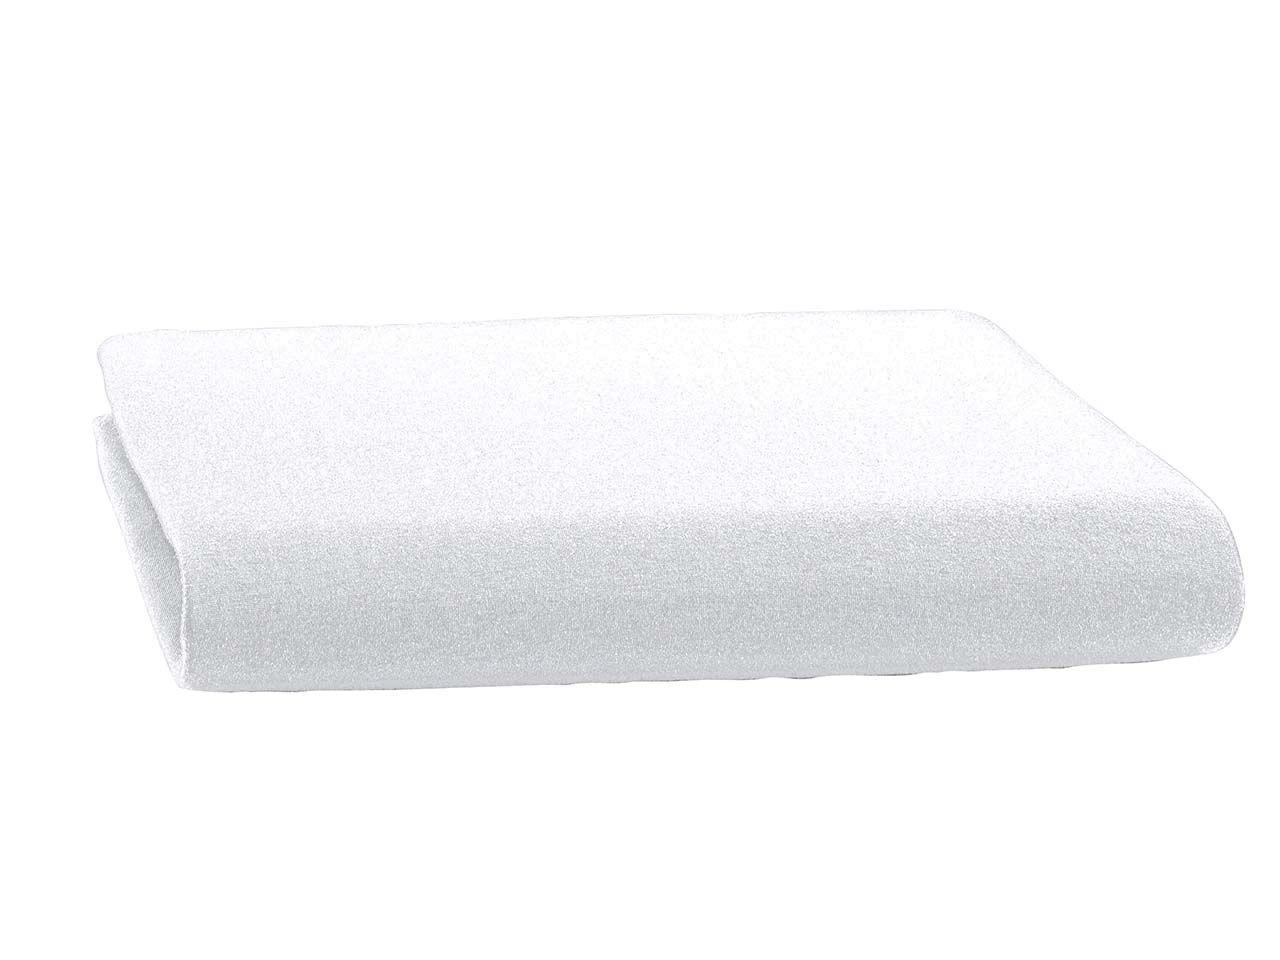 Bettlaken für Wasserbetten aus Bio Baumwolle 140-160x220 cm, weiß bLJE550/3000